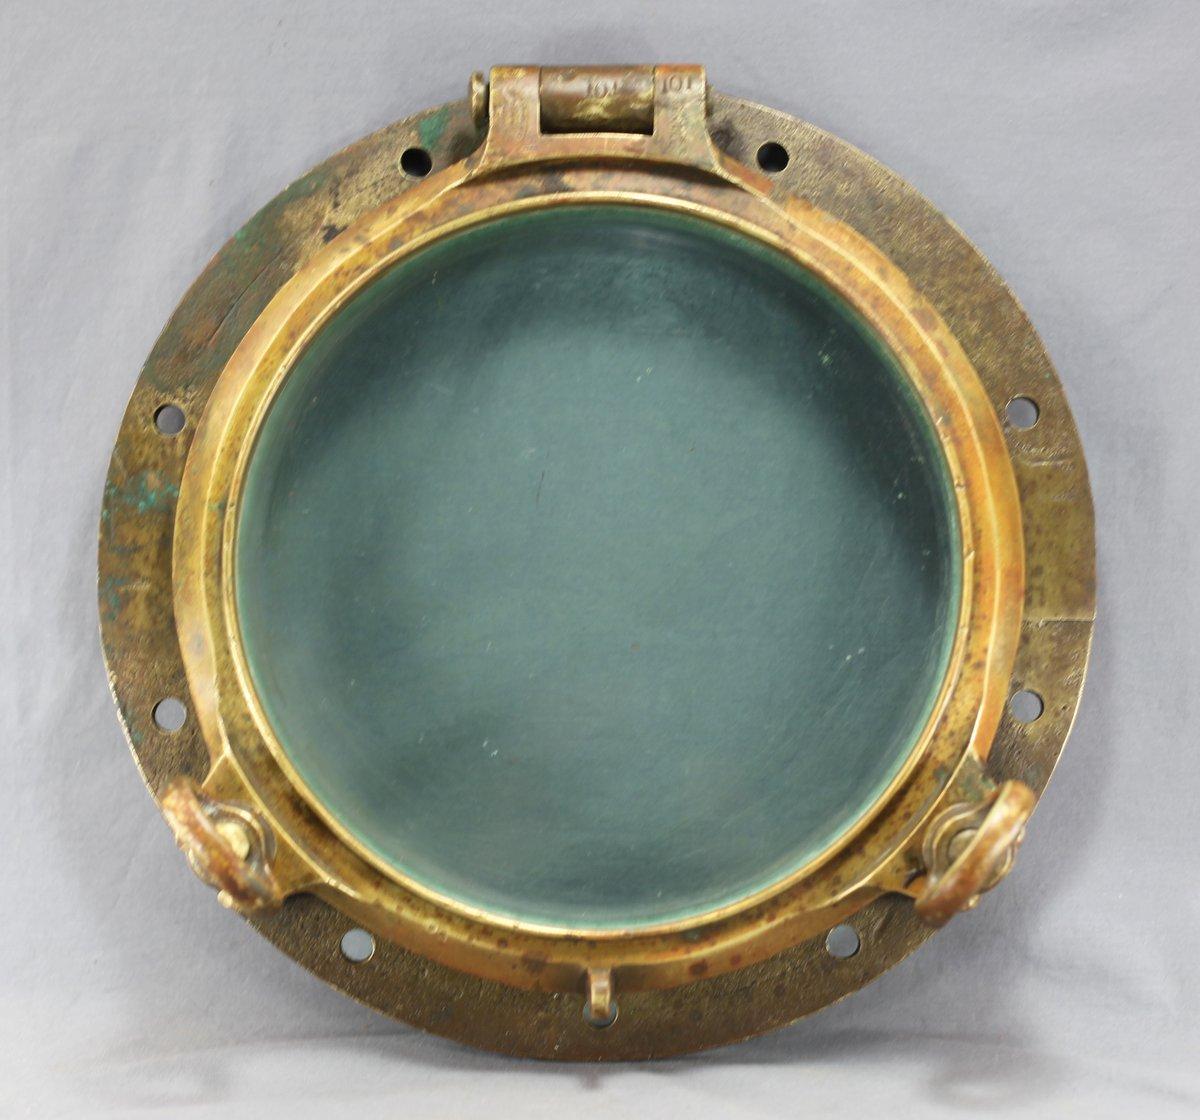 Brass Ship's Porthole